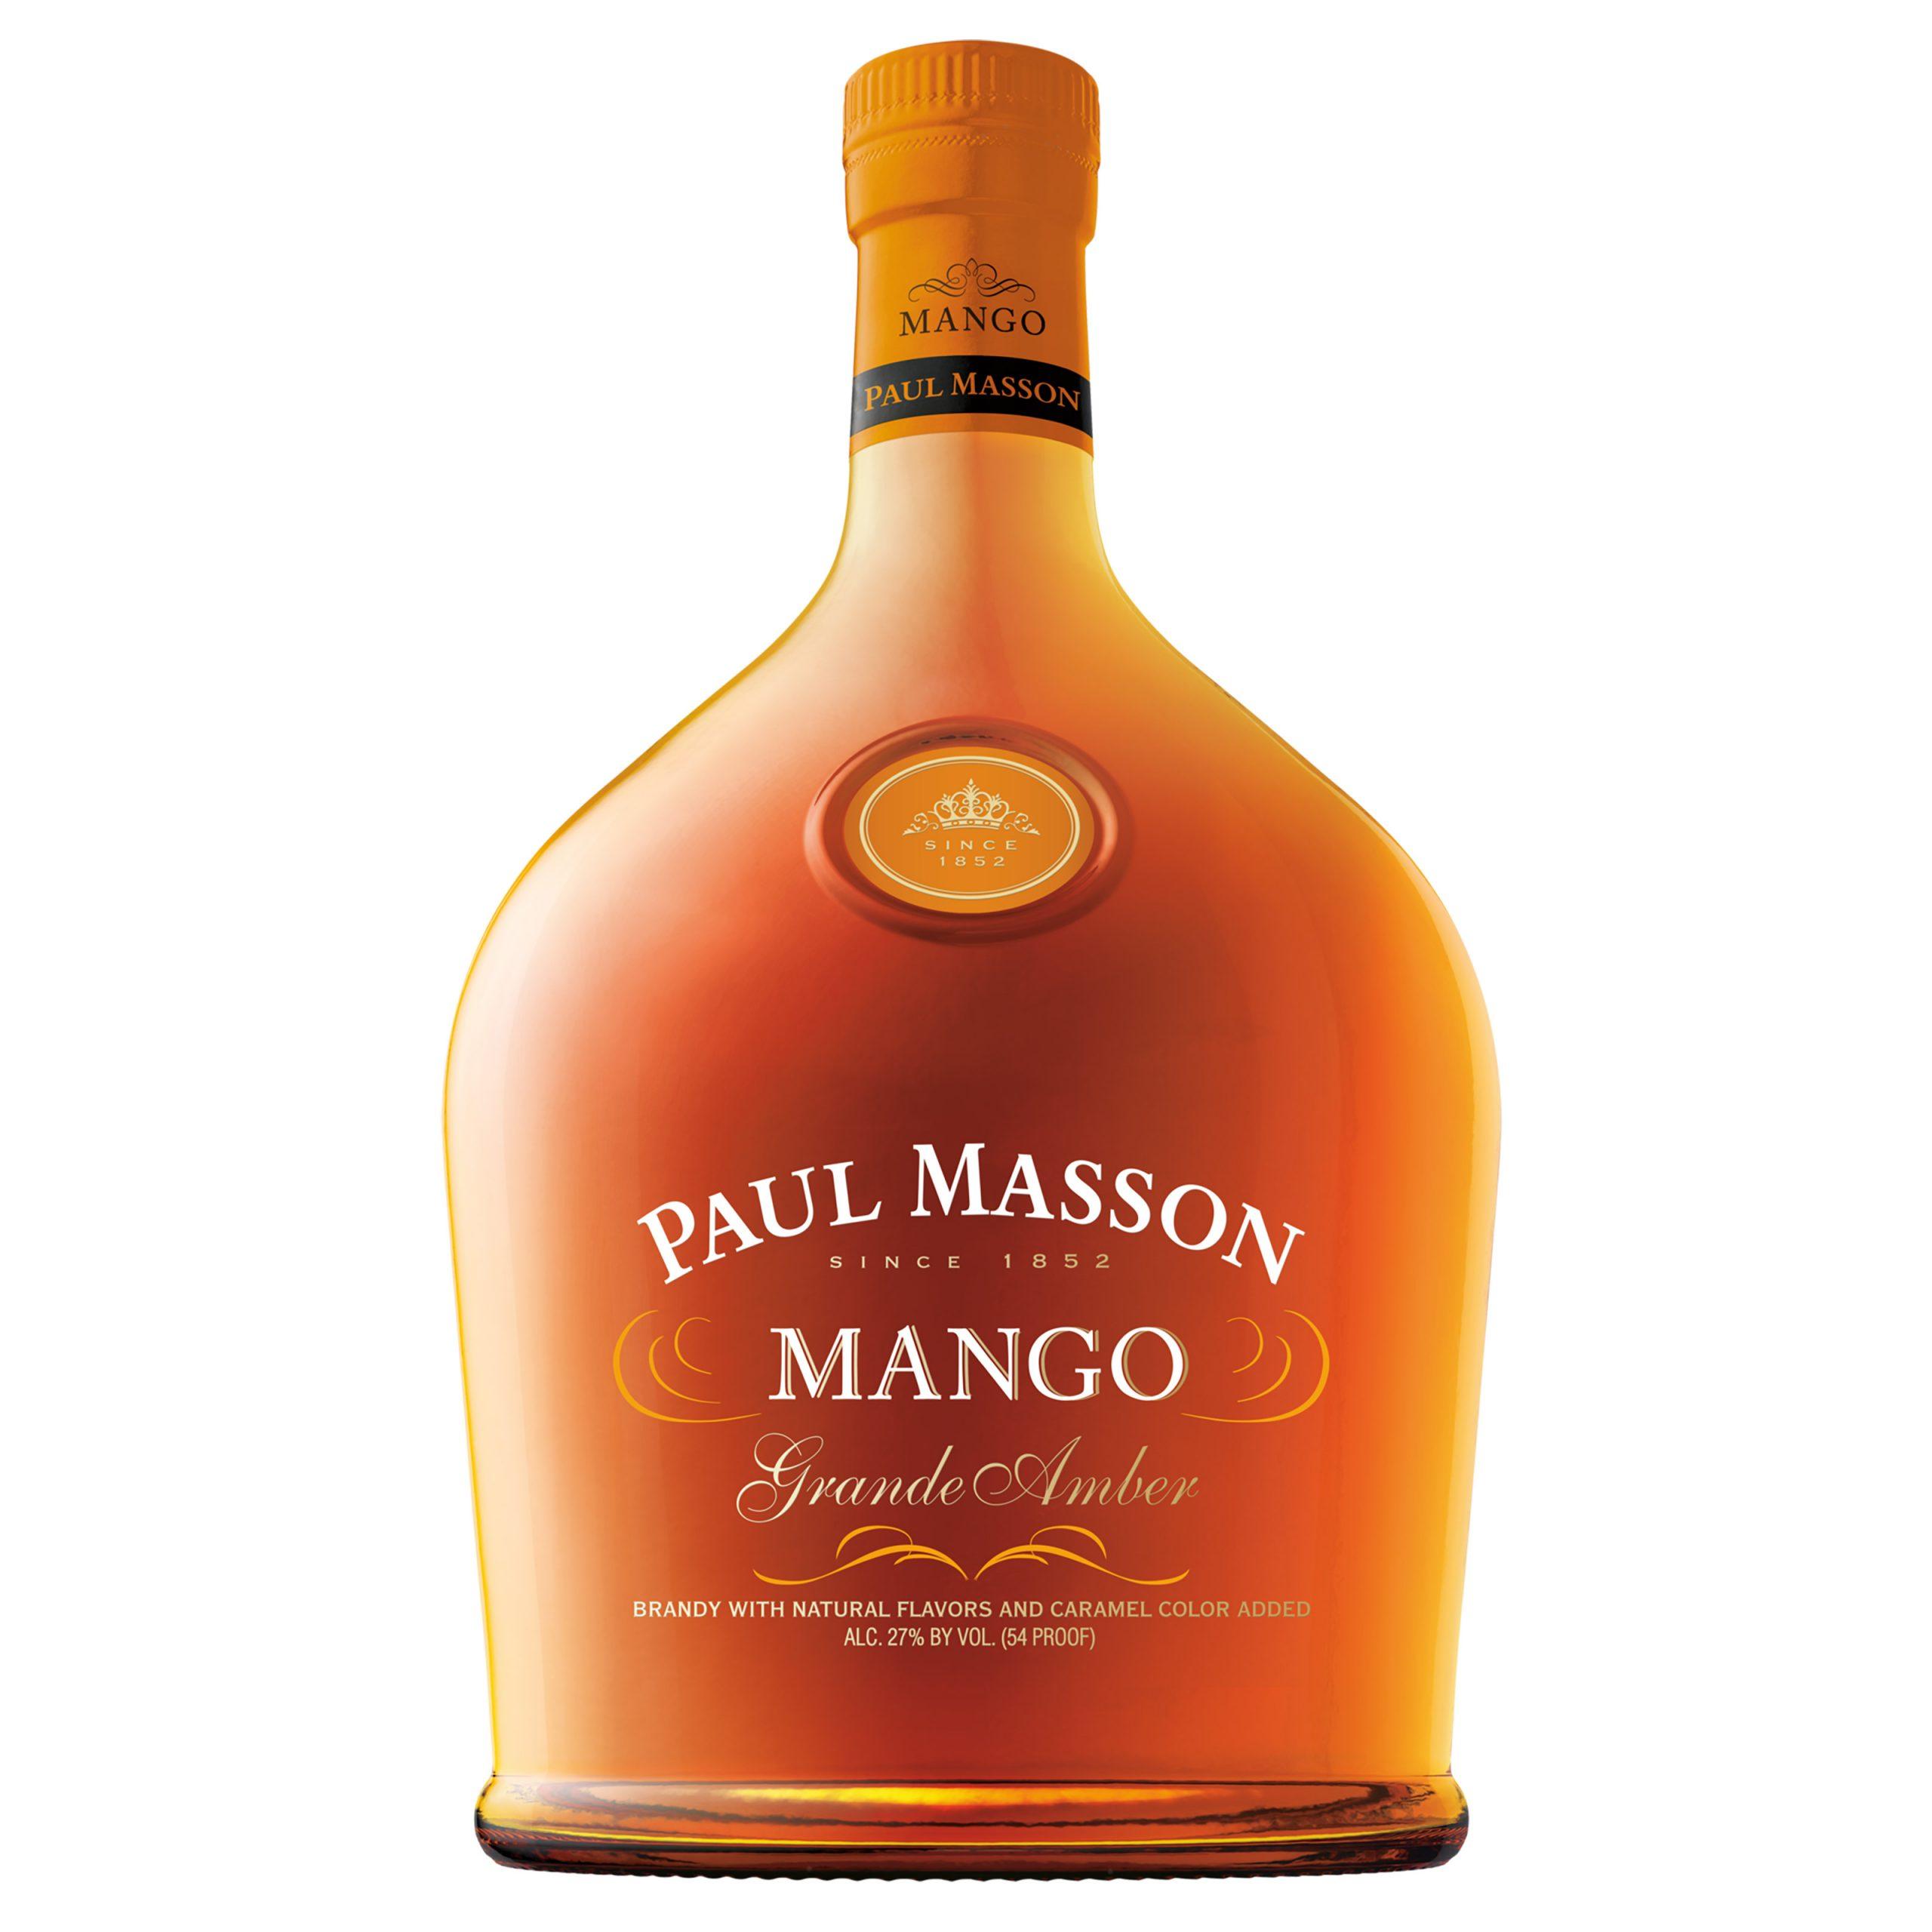 P-MASSON-GRND-AMBR-MANGO-BRNDY